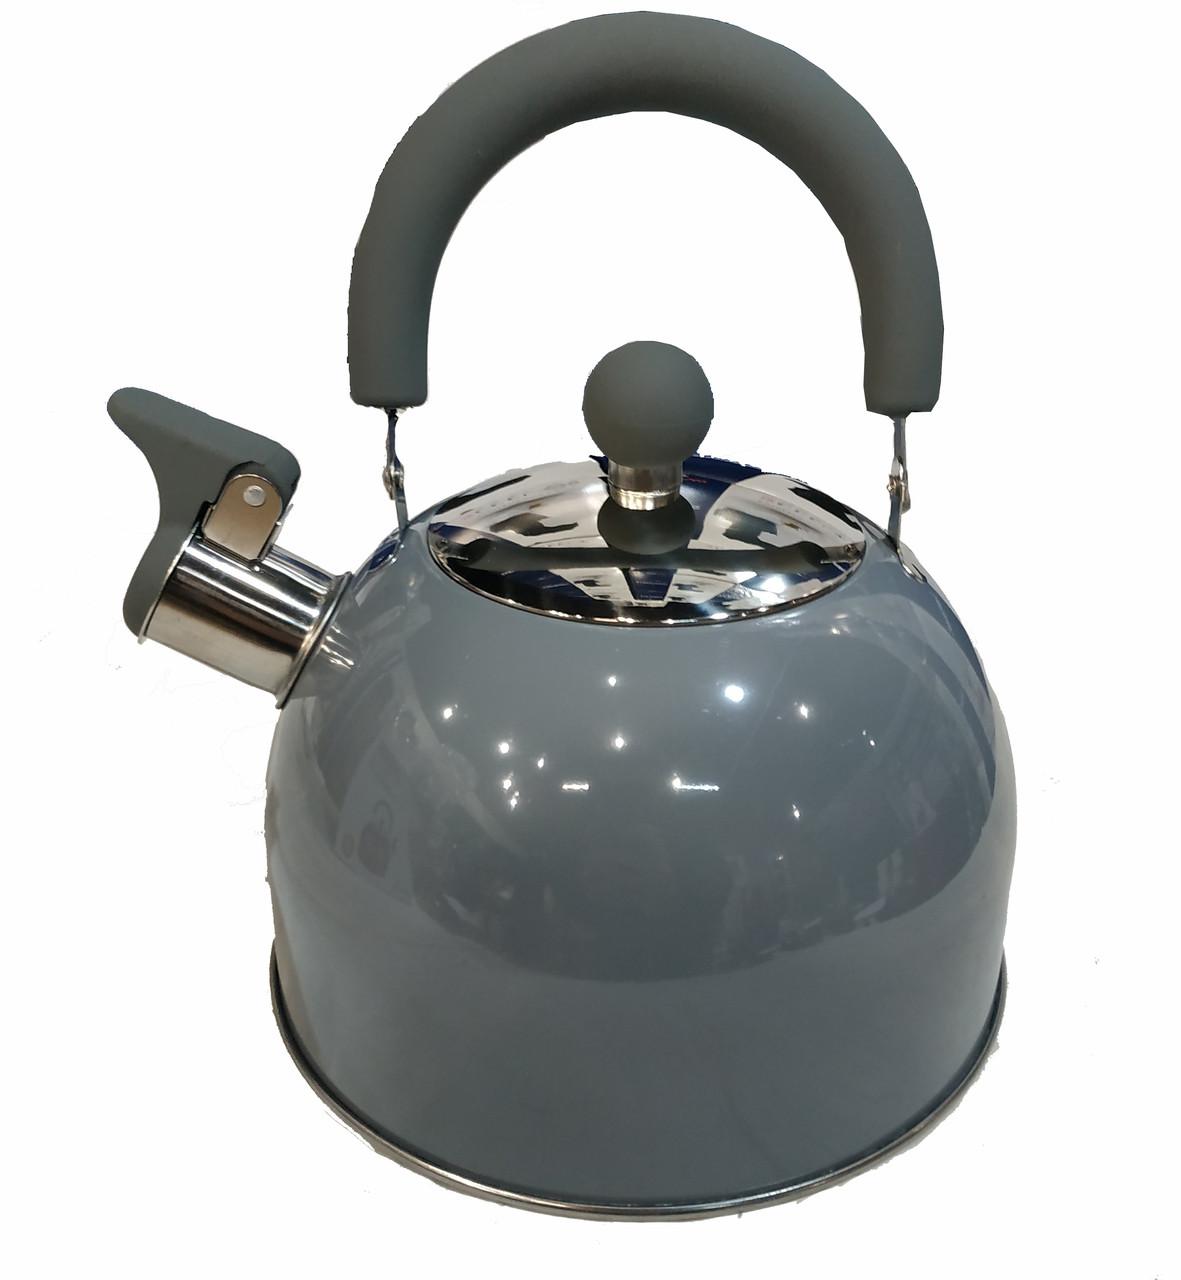 Чайник со свистком Benson BN-718 (2 л) серый из нержавеющей стали, нейлоновая ручка | чайник Бенсон, Бэнсон